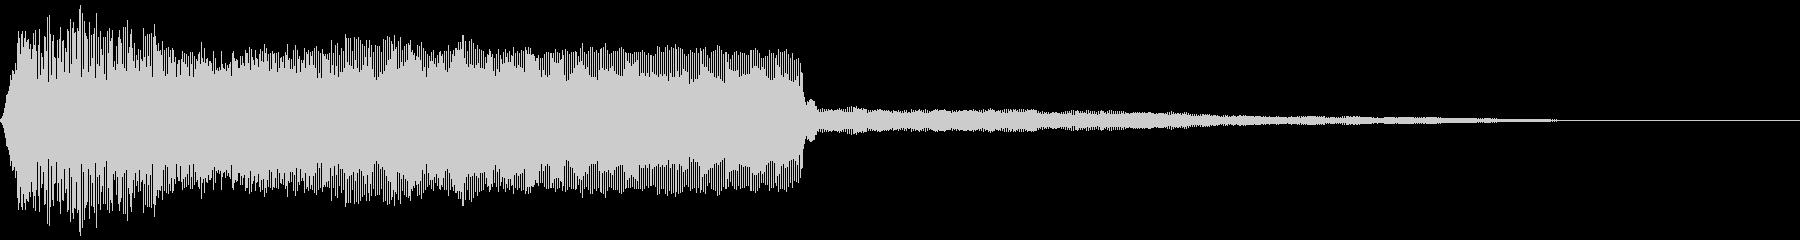 レゲエやDJで使われるラッパ音ver4の未再生の波形